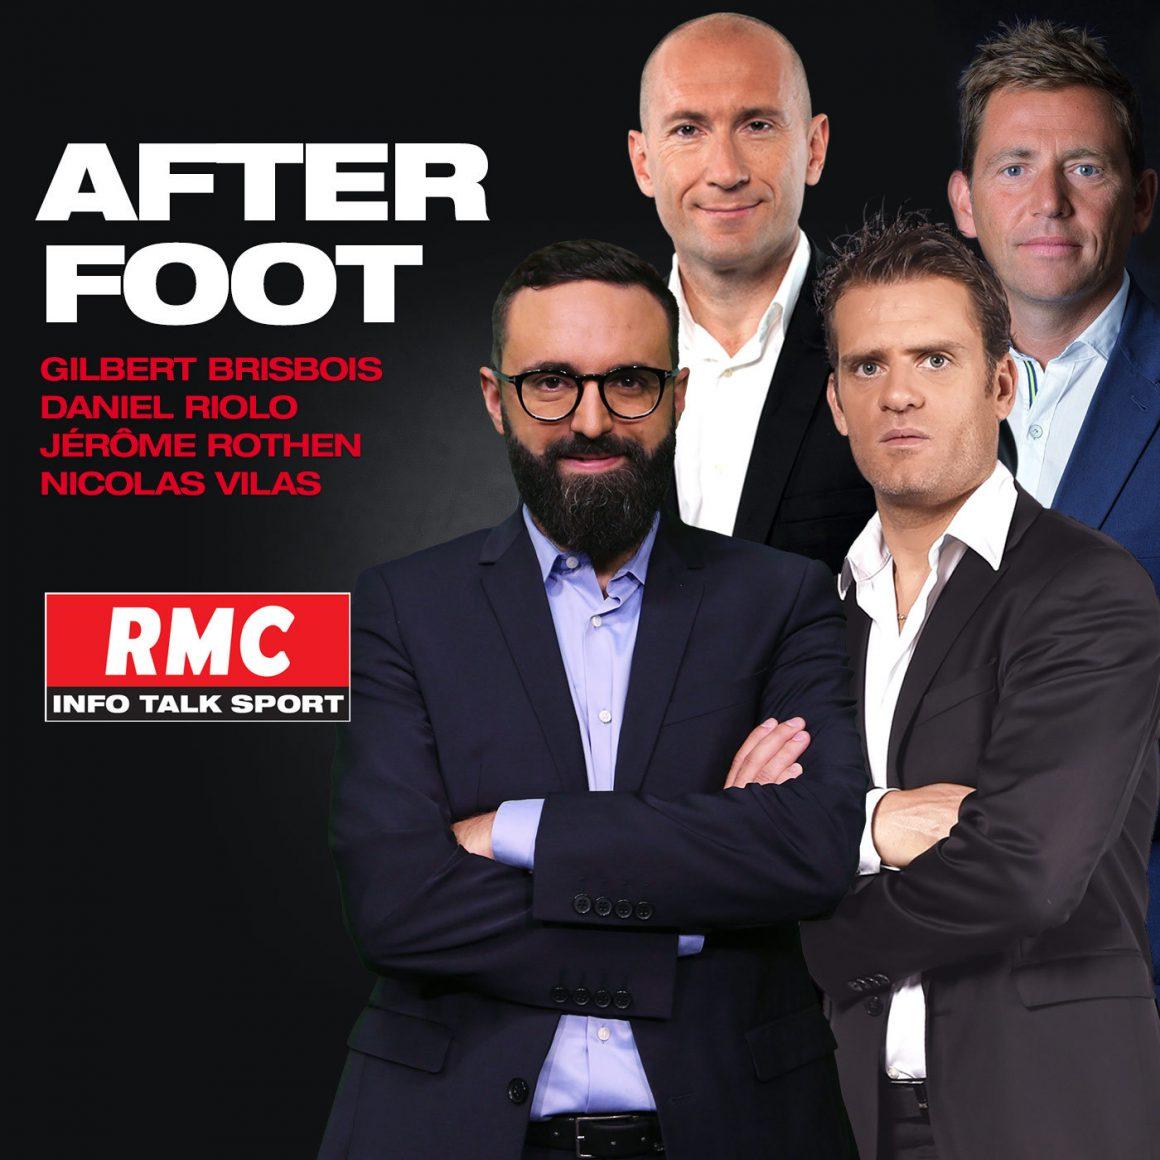 RMC : 24/07 – Le Top de l'Afterfoot : focus sur l'UNFP FC, un club qui aide les joueurs au chômage